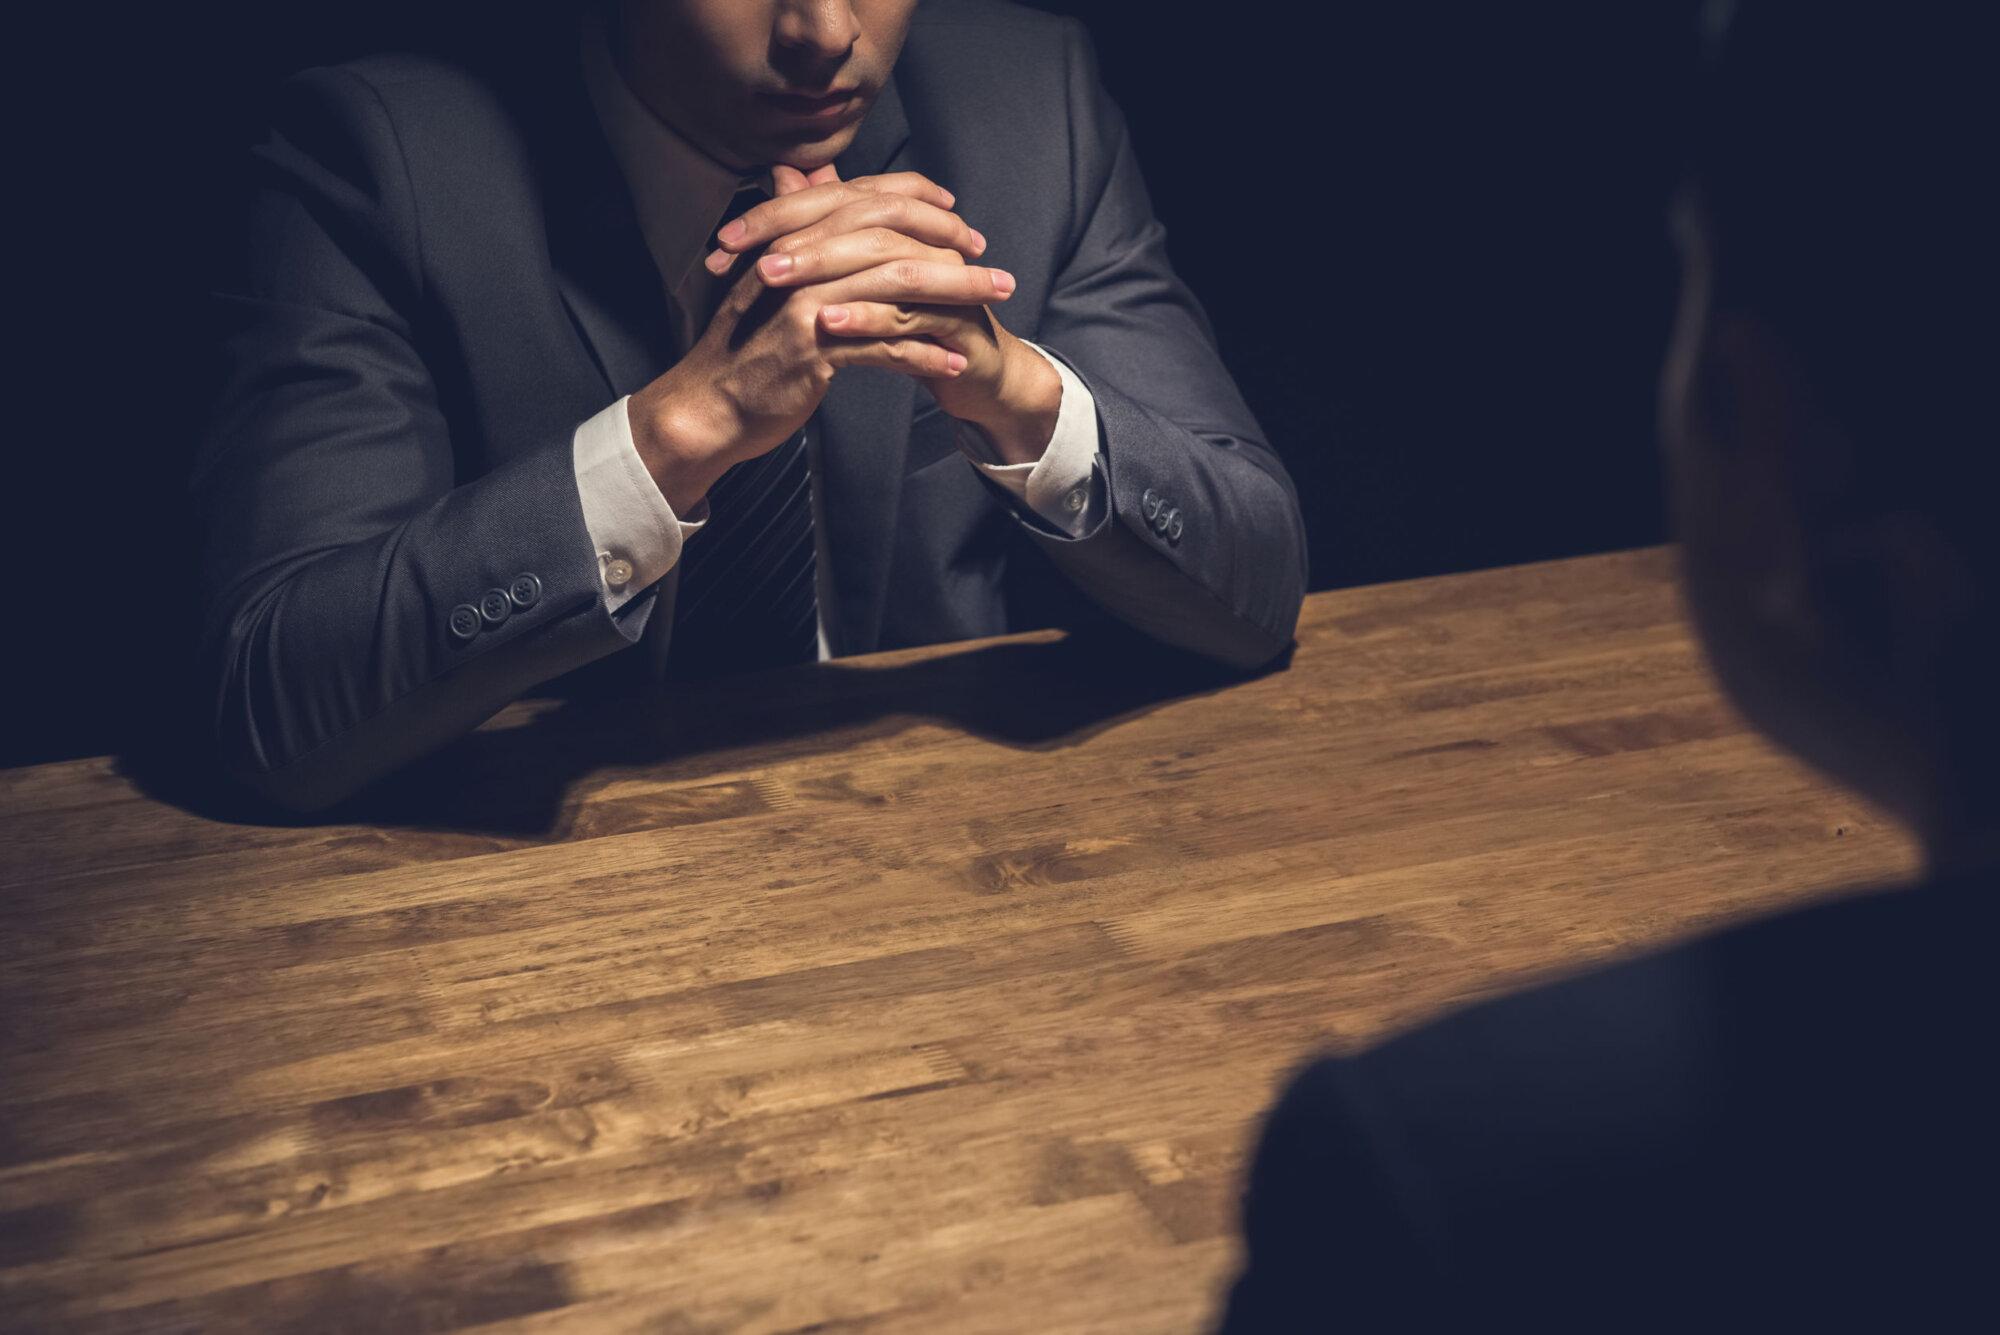 Interrogation Tactics and False Confessions